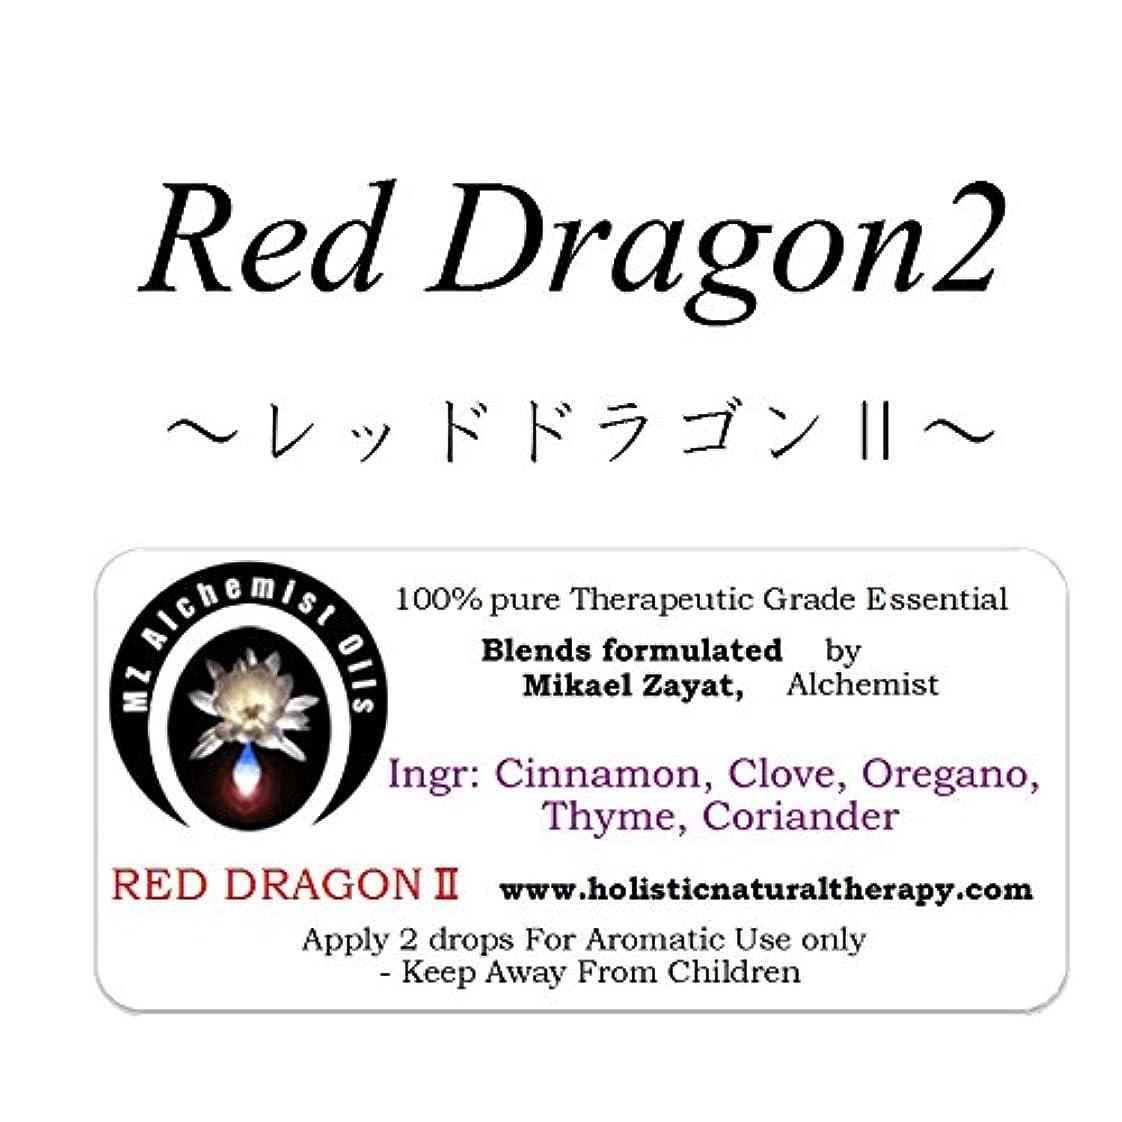 オープナーについて贅沢なミカエル?ザヤットアルケミストオイル セラピストグレードアロマオイル Red Dragon2-レッドドラゴン2(竜)- 4ml